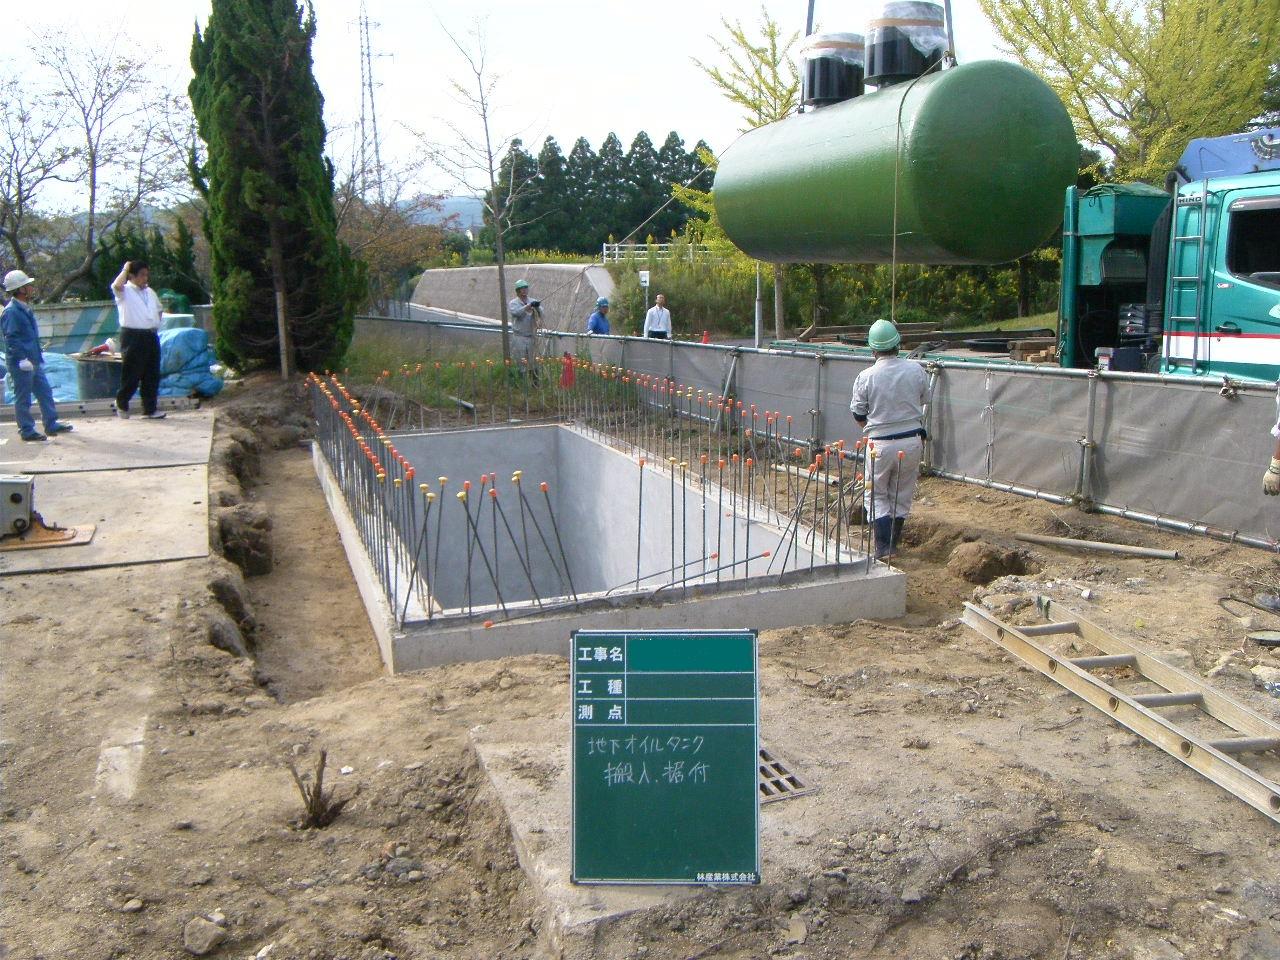 島根大学(医病)自家発電設備整備(燃料タンクその他)工事